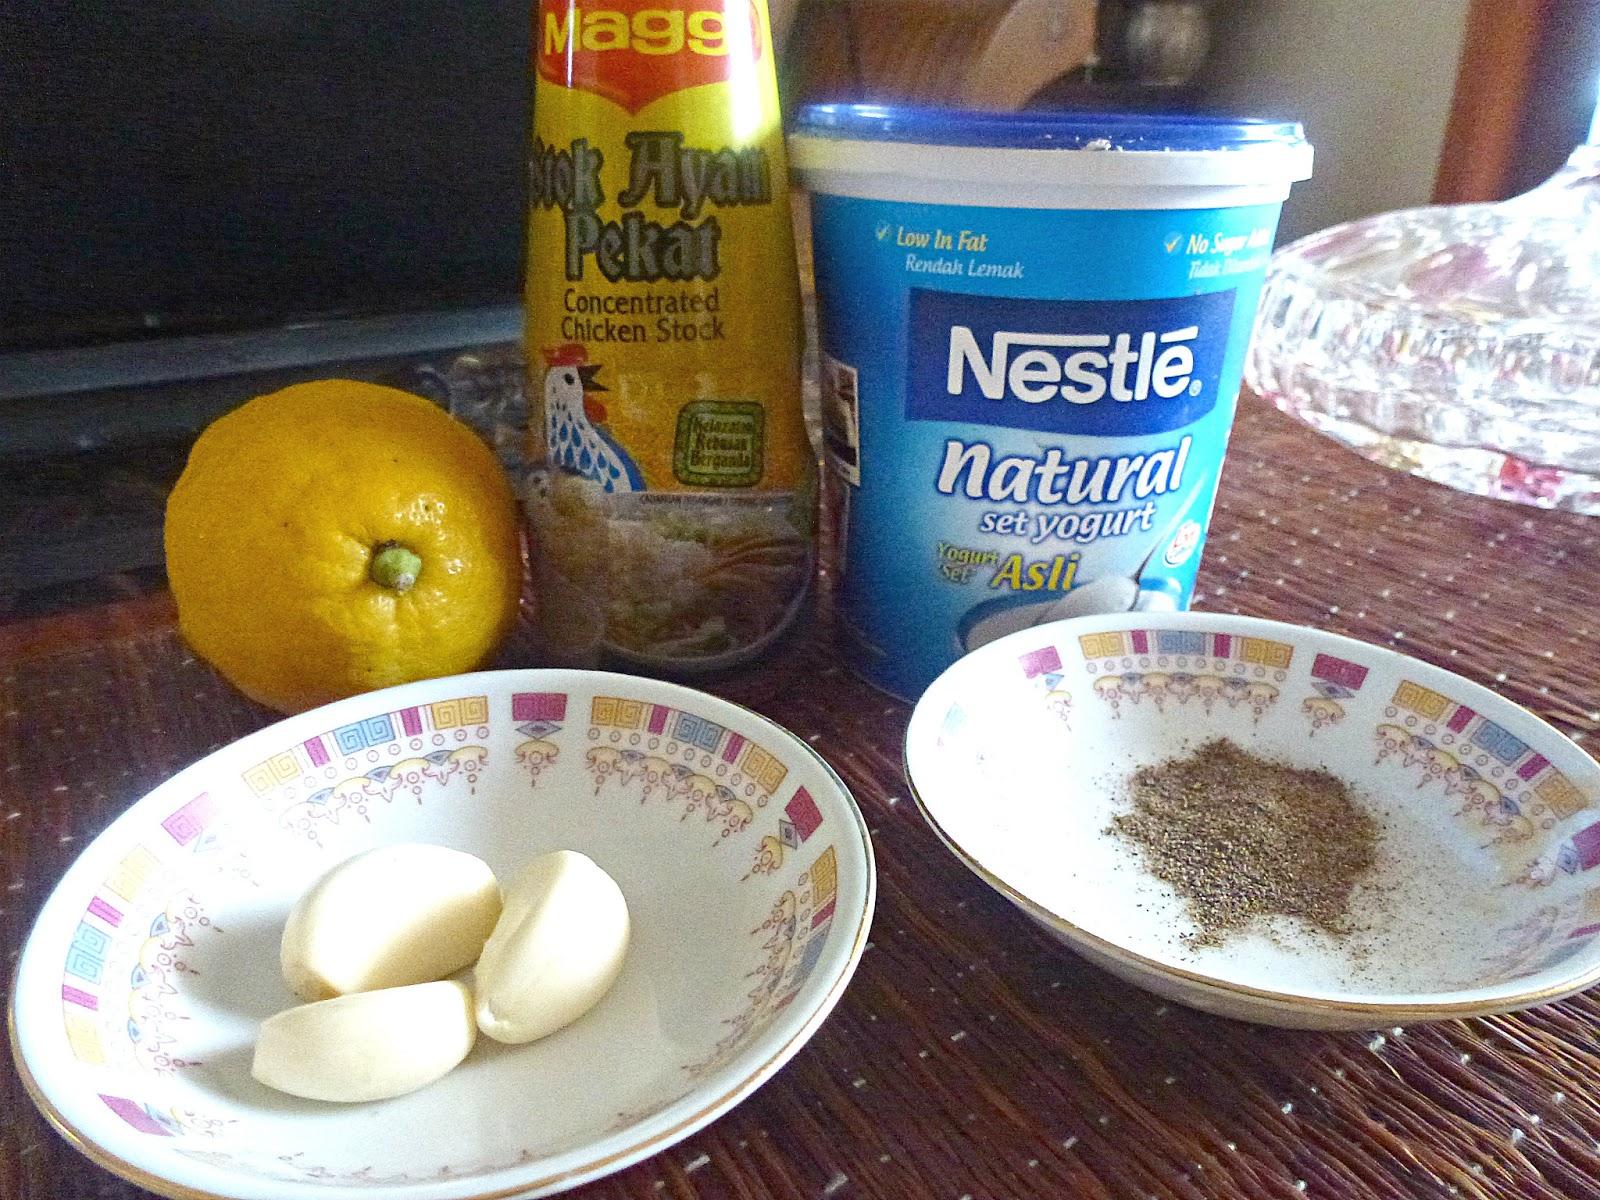 tertunailah hasrat  hati resepi ayam vindaloo masakan berkhasiat menggunakan nestle yogurt Resepi Maggi Kari Santan Enak dan Mudah